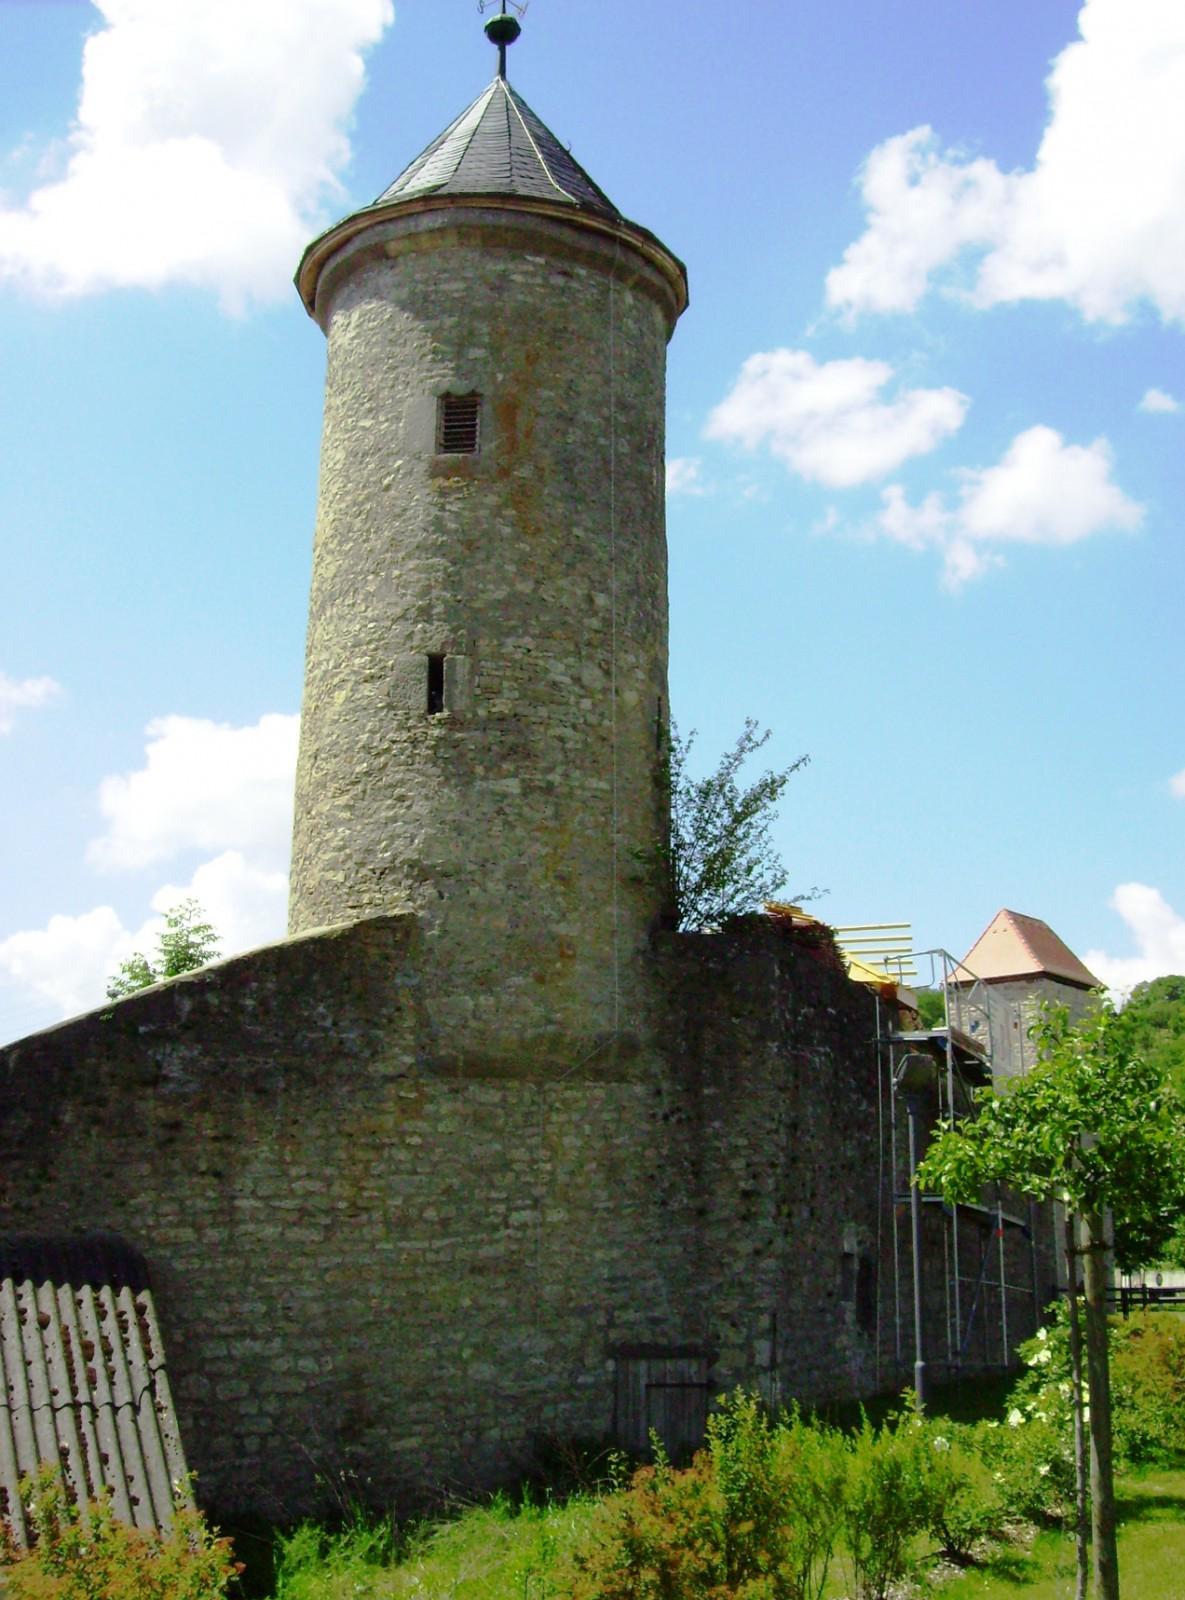 Schneckenturm - Wehrturm des 14./15. Jahrhunderts